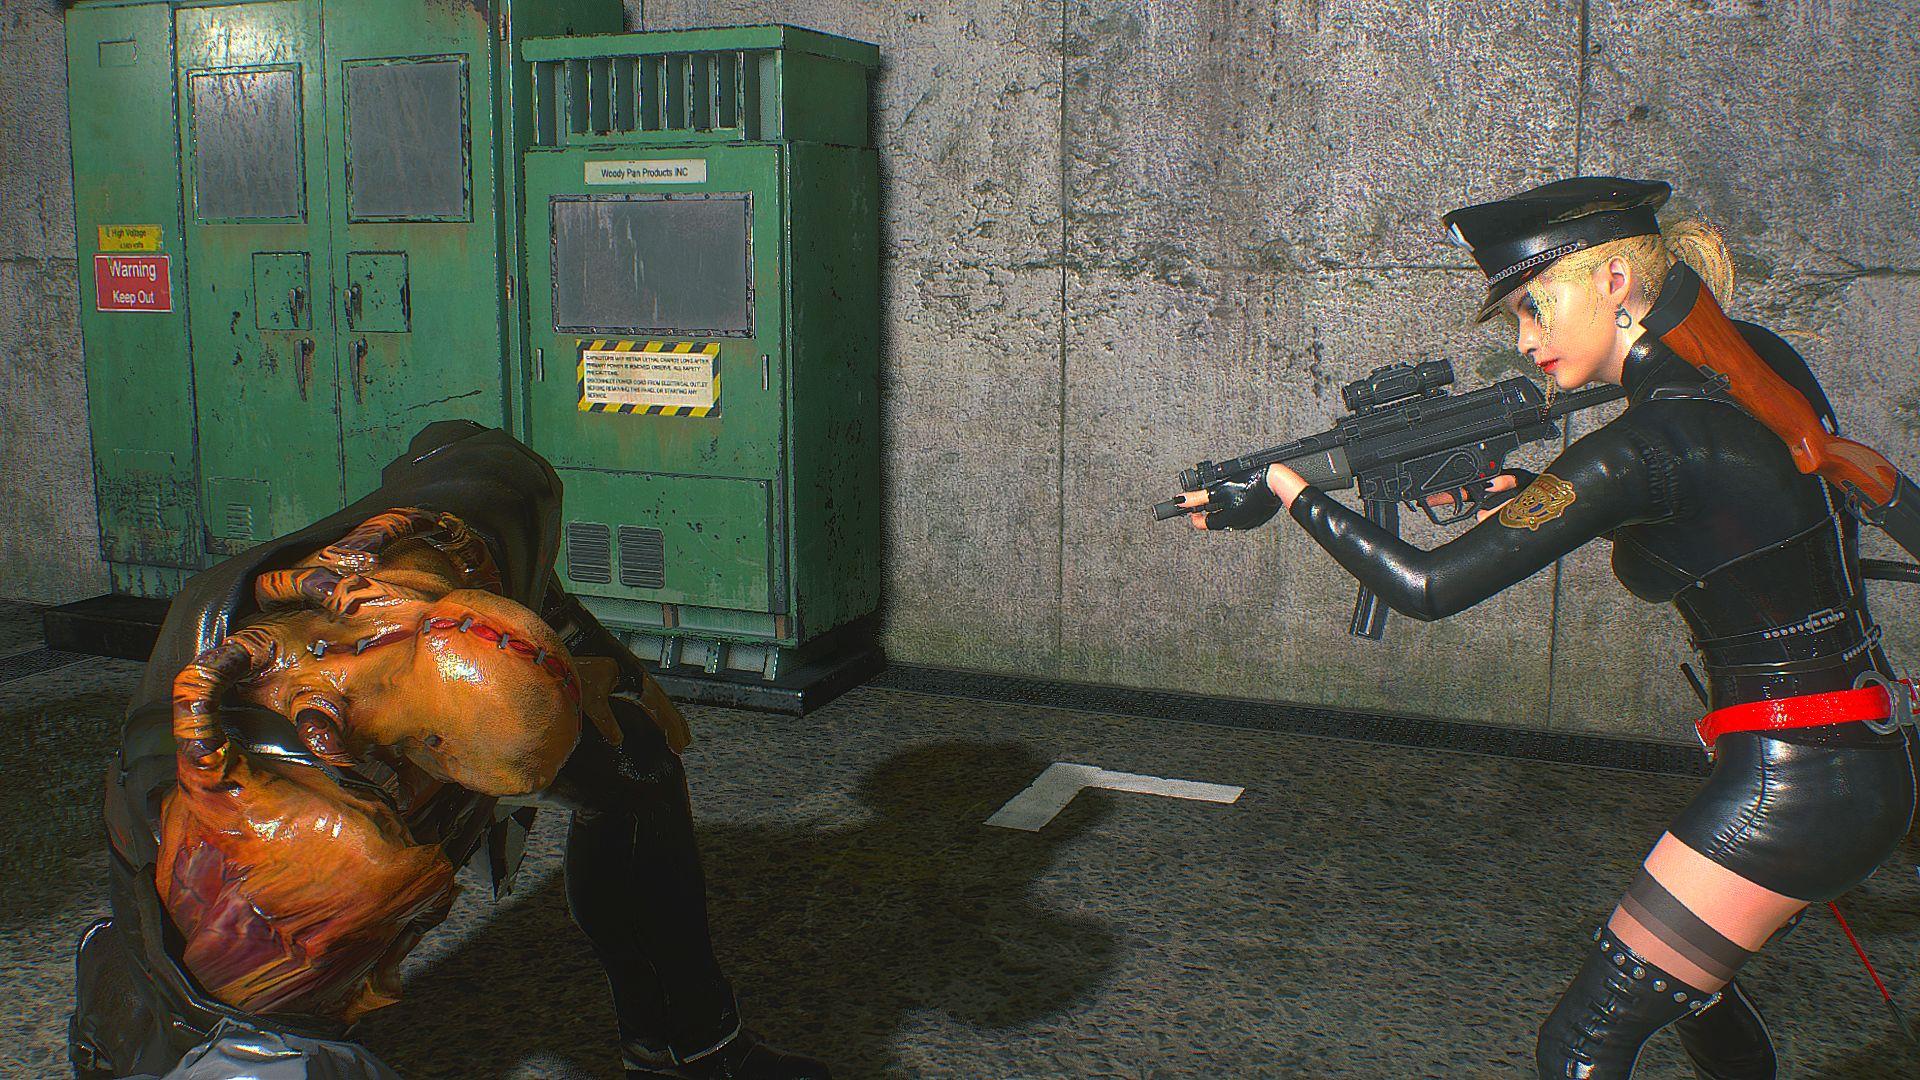 000119.Jpg - Resident Evil 2